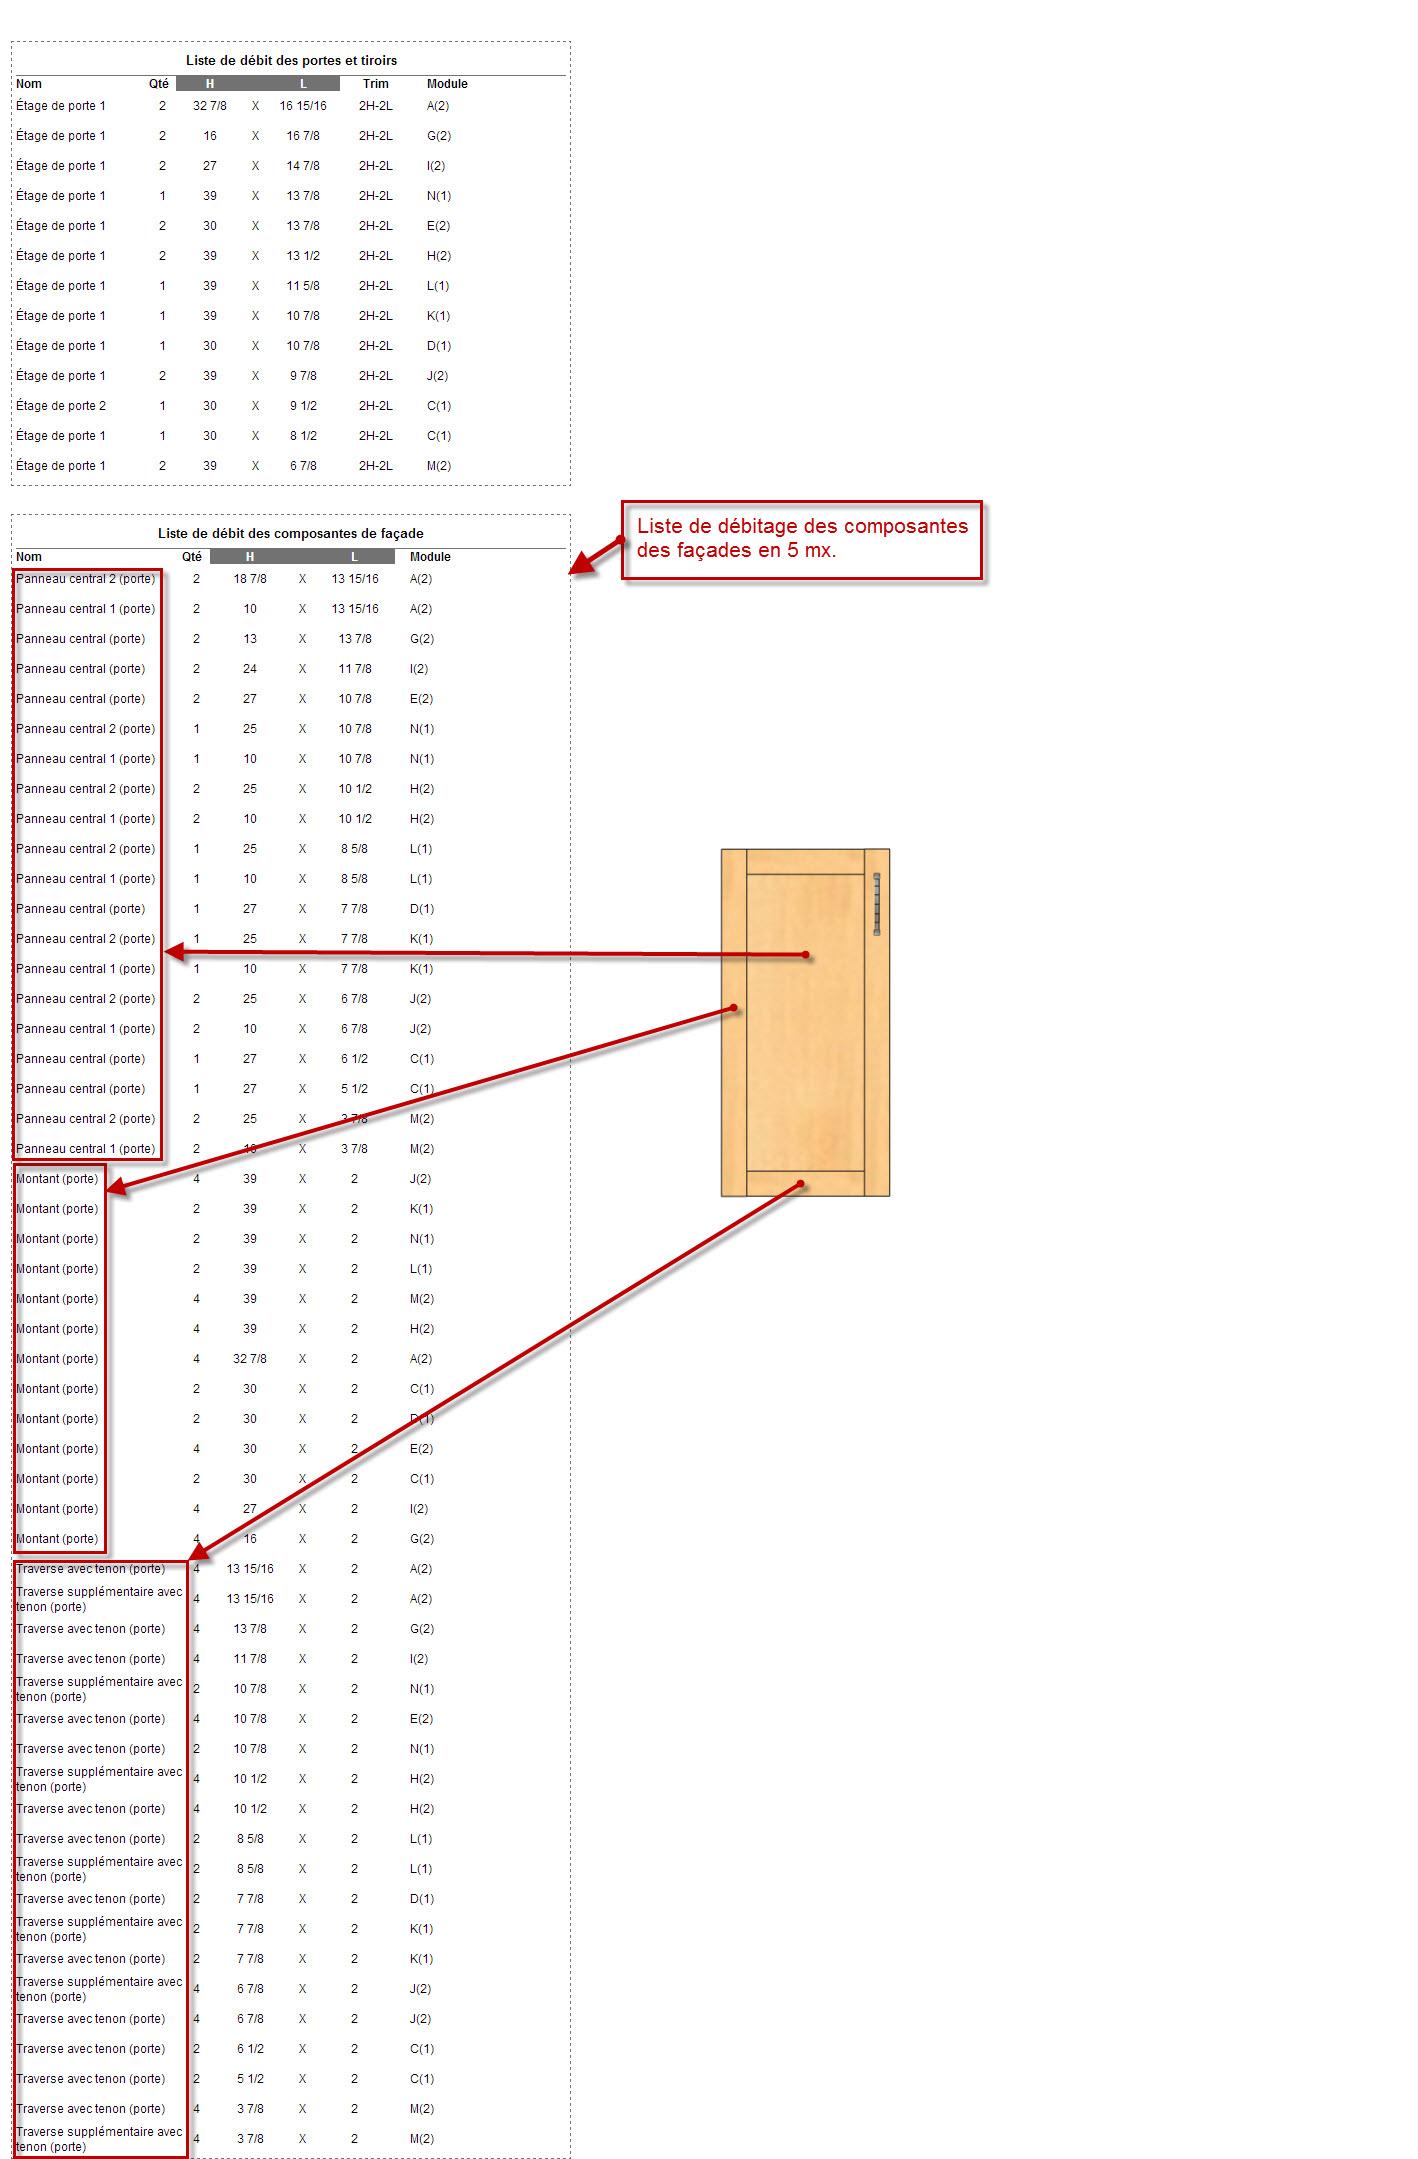 Liste de débitage des composants de portes d'armoires en 5 morceau.